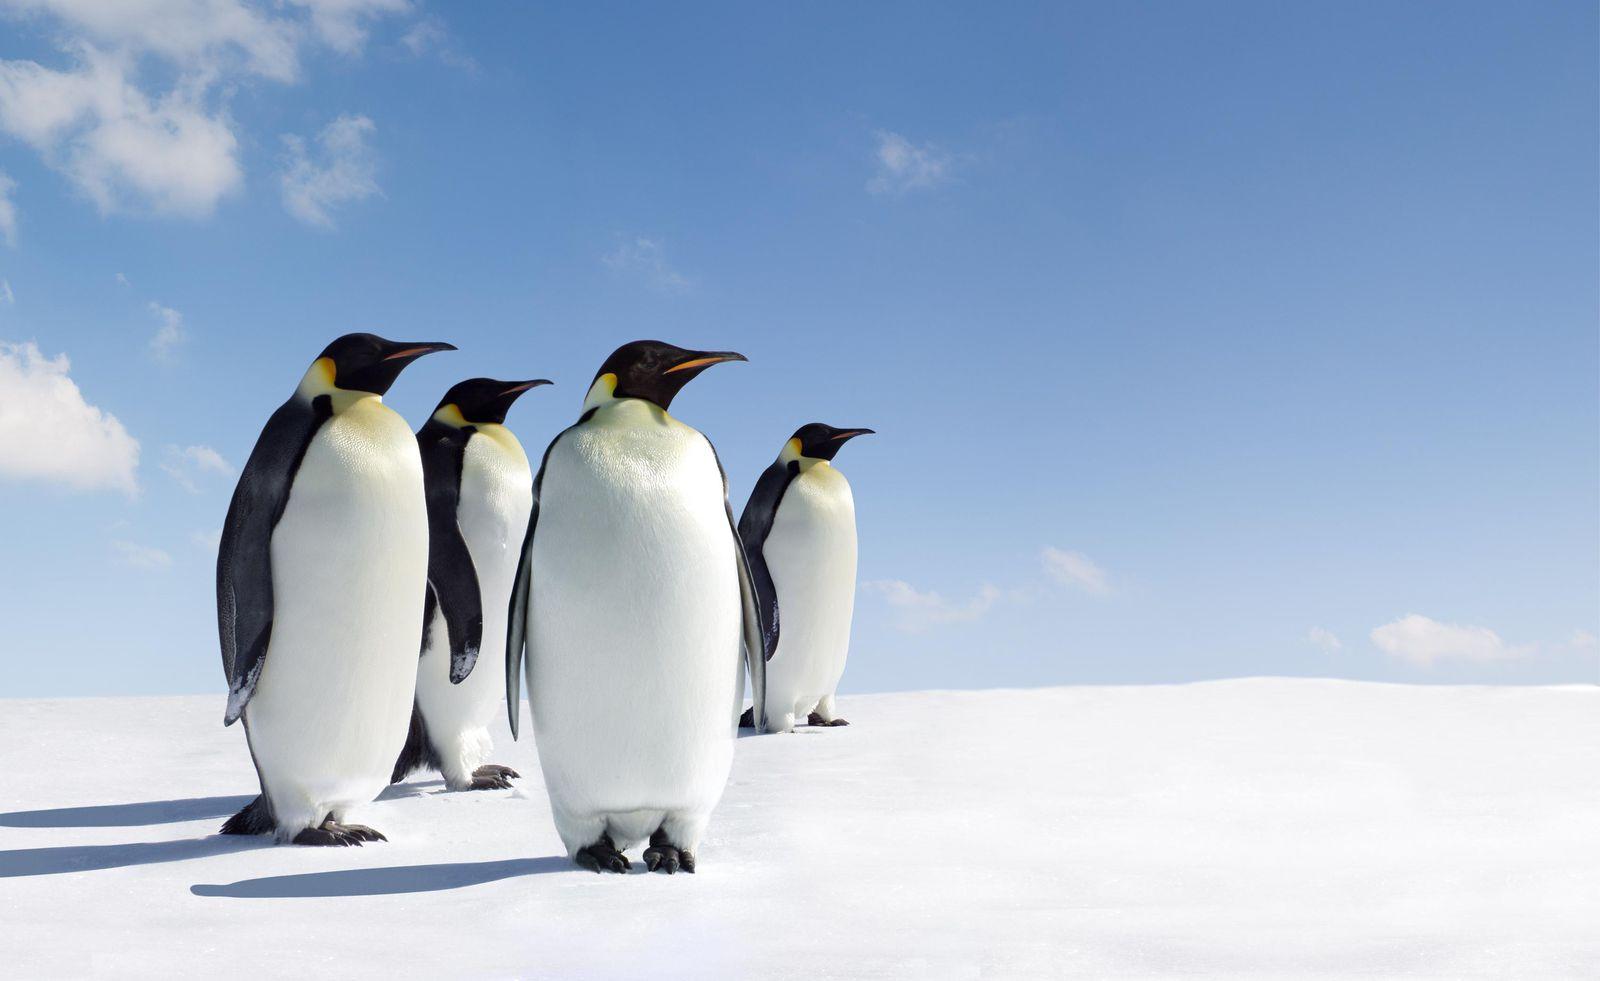 آشنایی با علت یخ نزدن پنگوئن ها